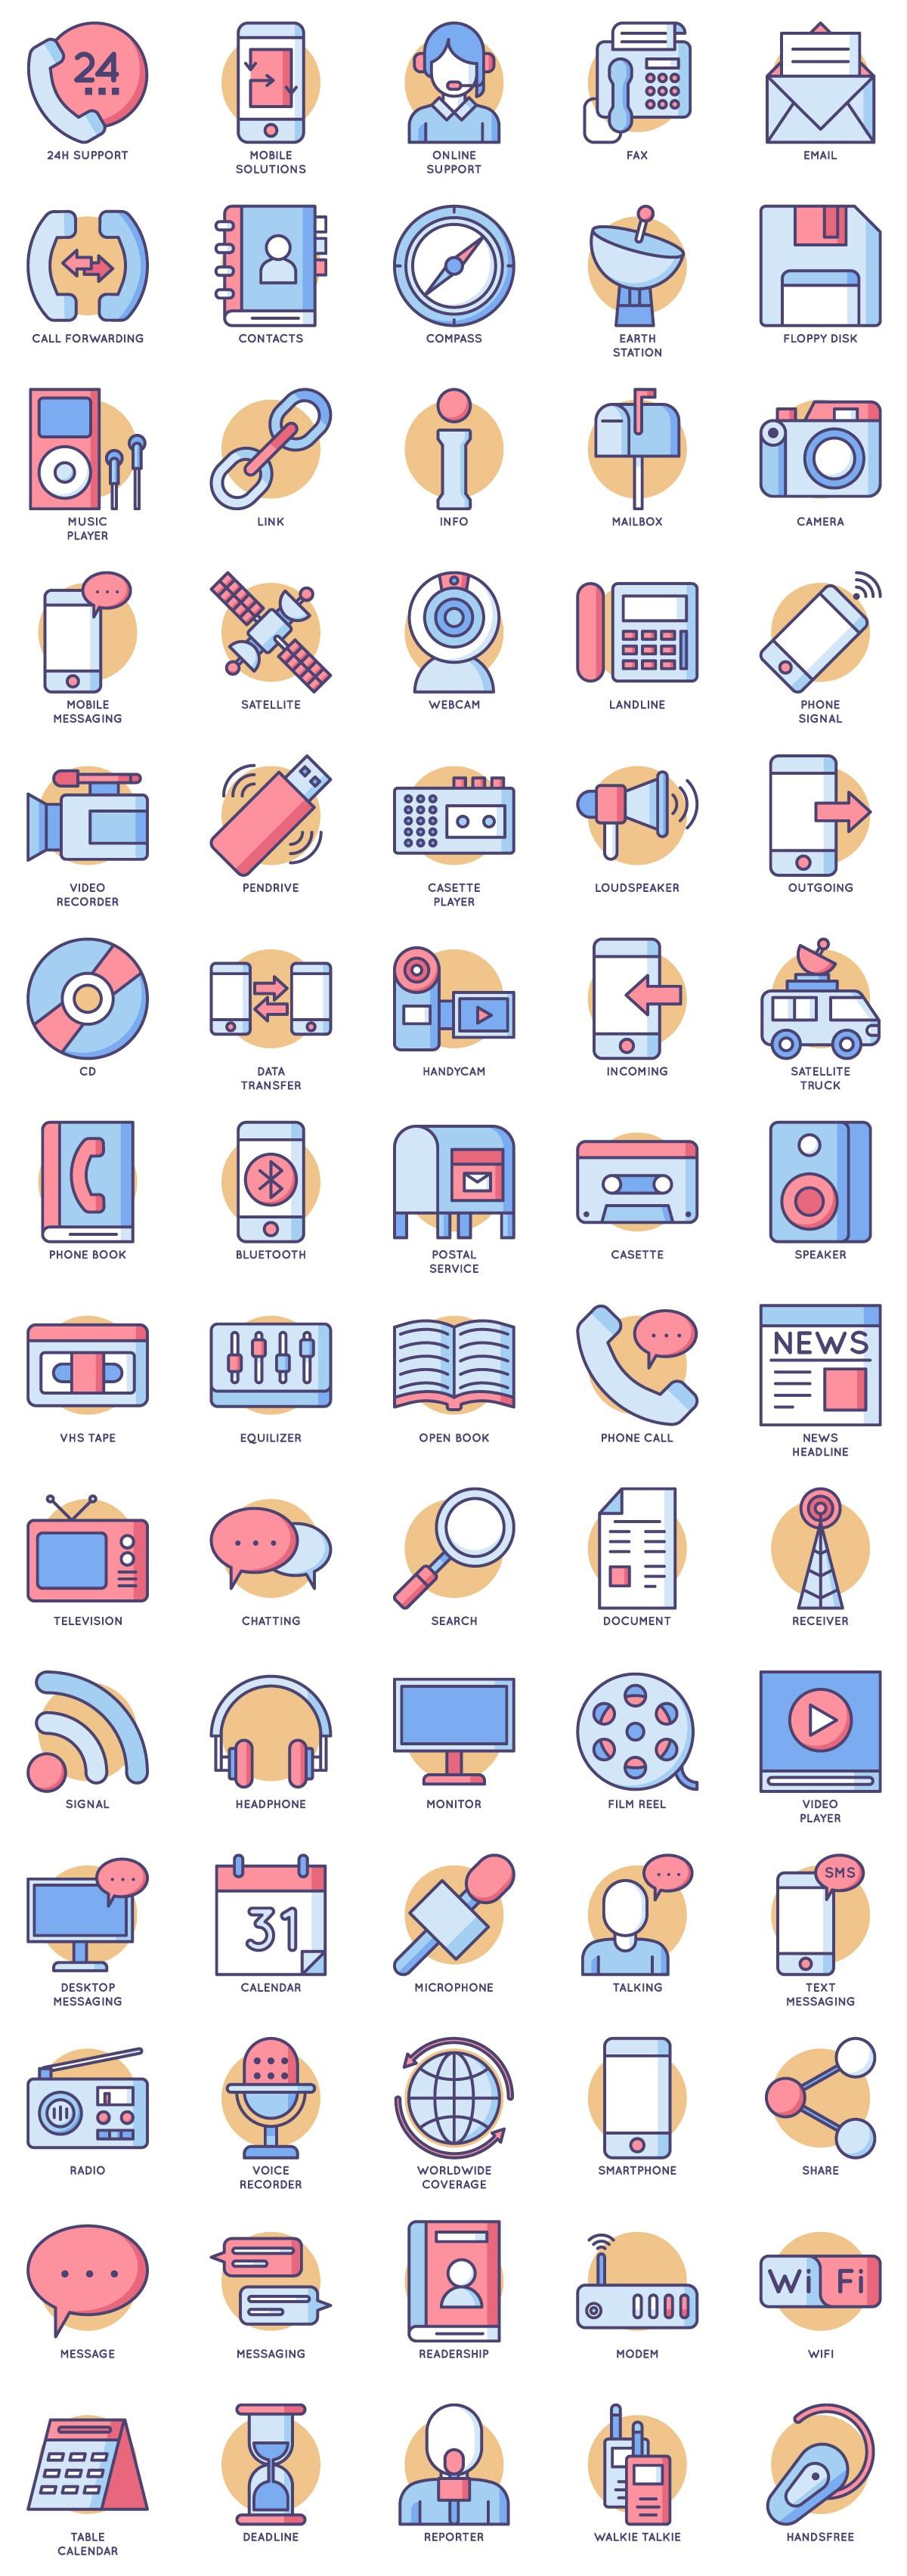 70枚媒体通讯类彩色矢量图标,svg/eps/psd全格式彩色icon下载